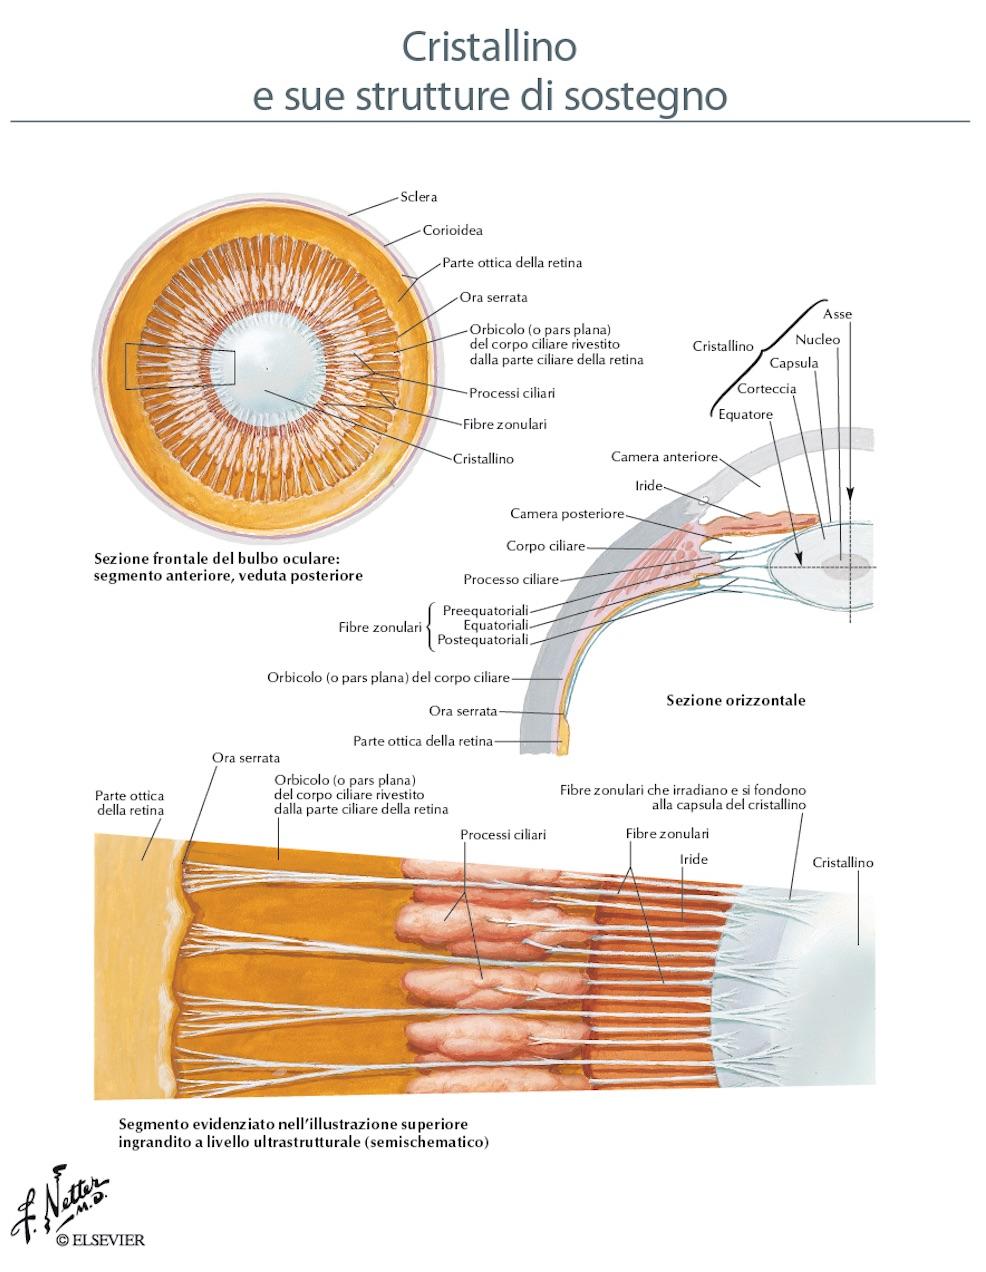 Anatomia del cristallino e dell' apparato sospensore